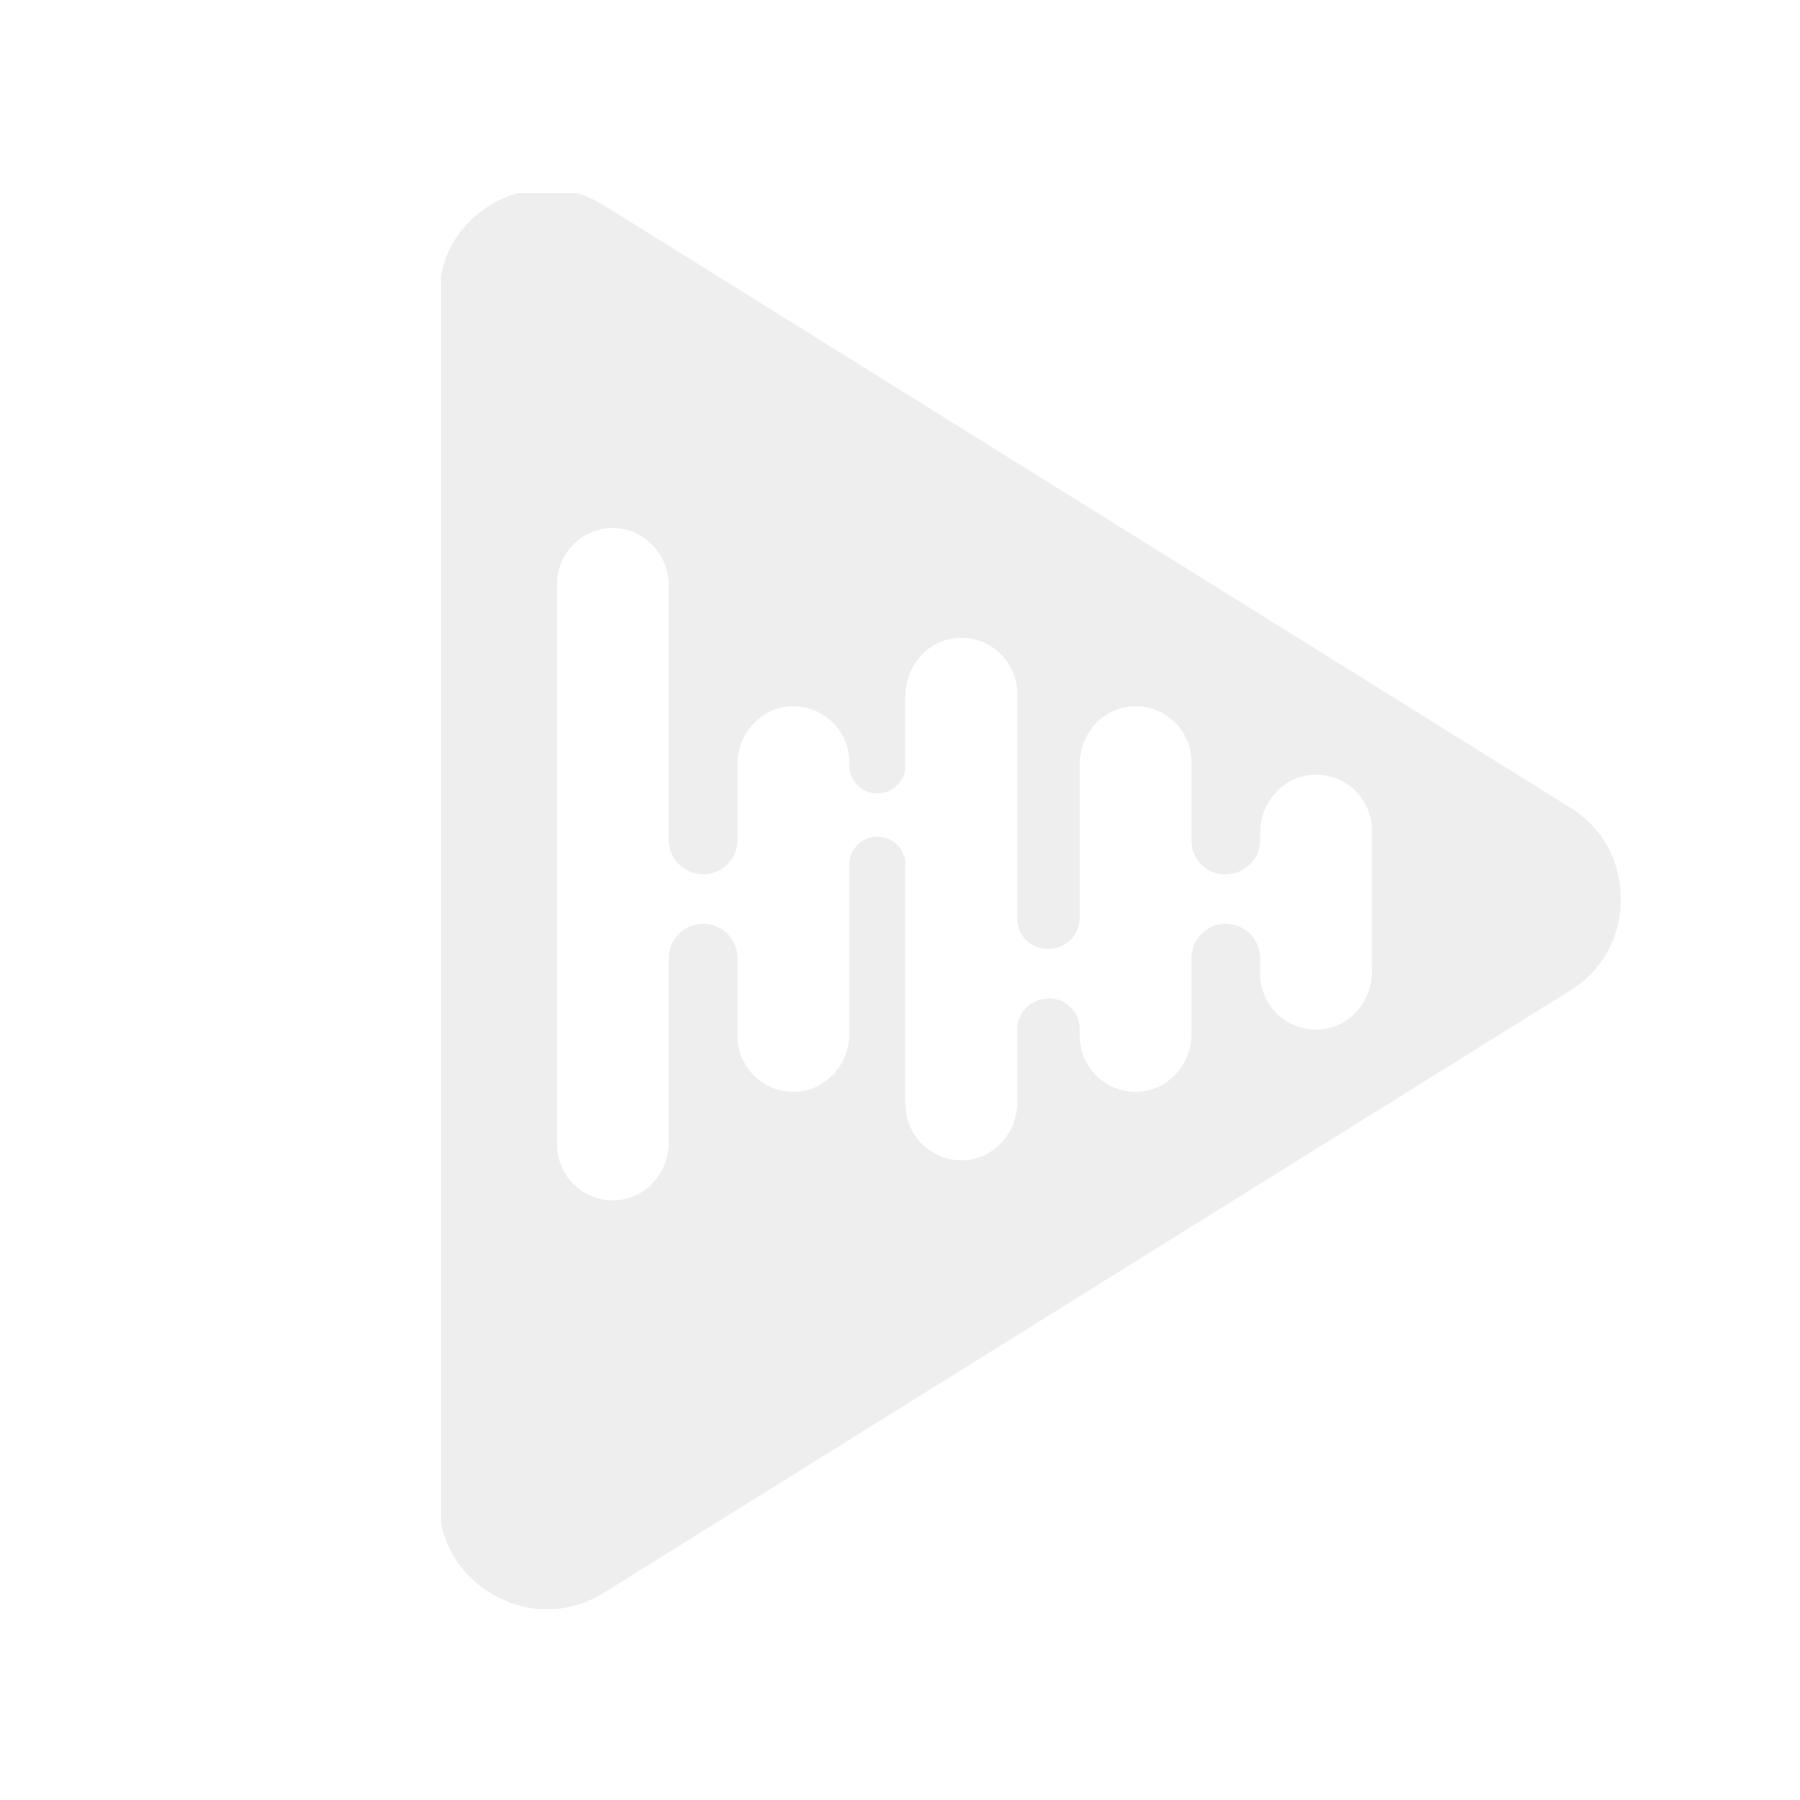 Hertz Mille Pro MP 70.3